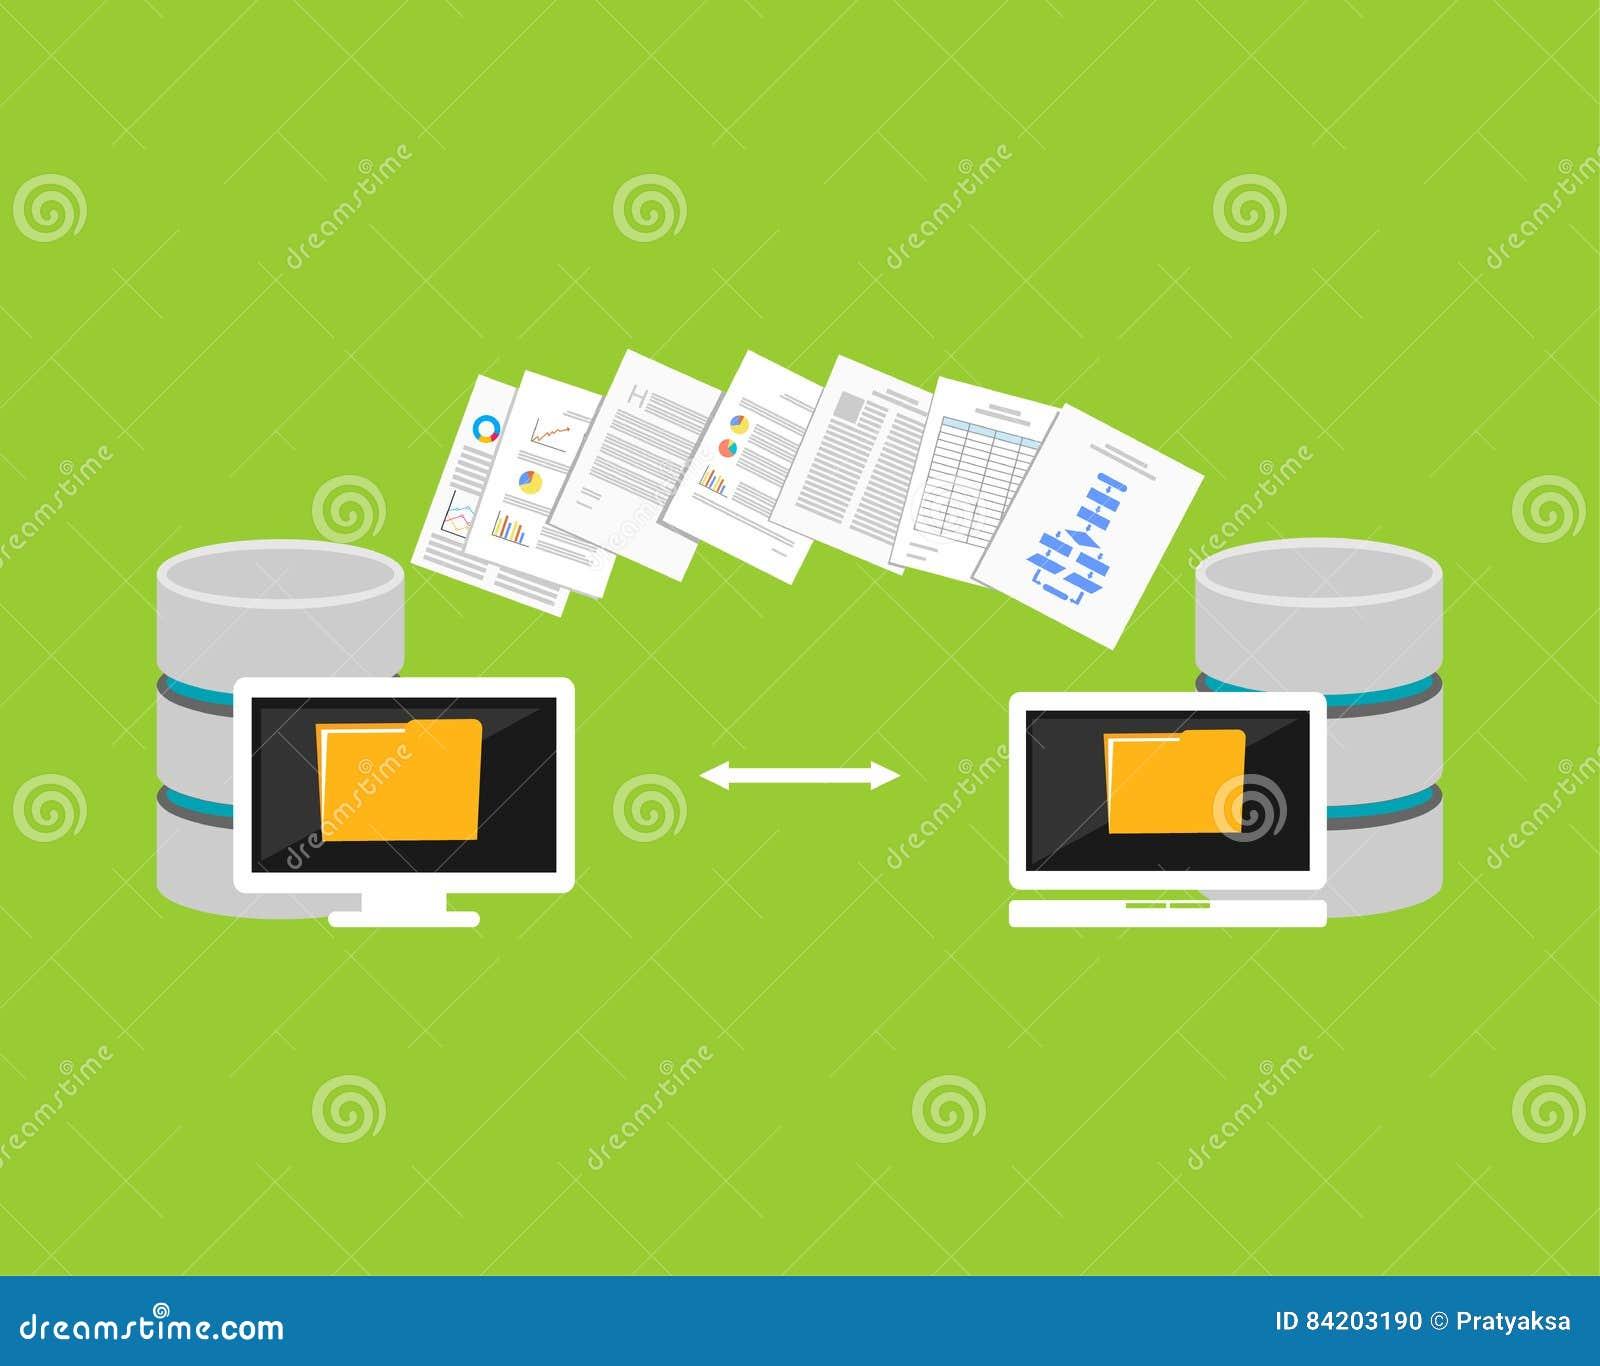 Trade data visualization | wits | visualization.